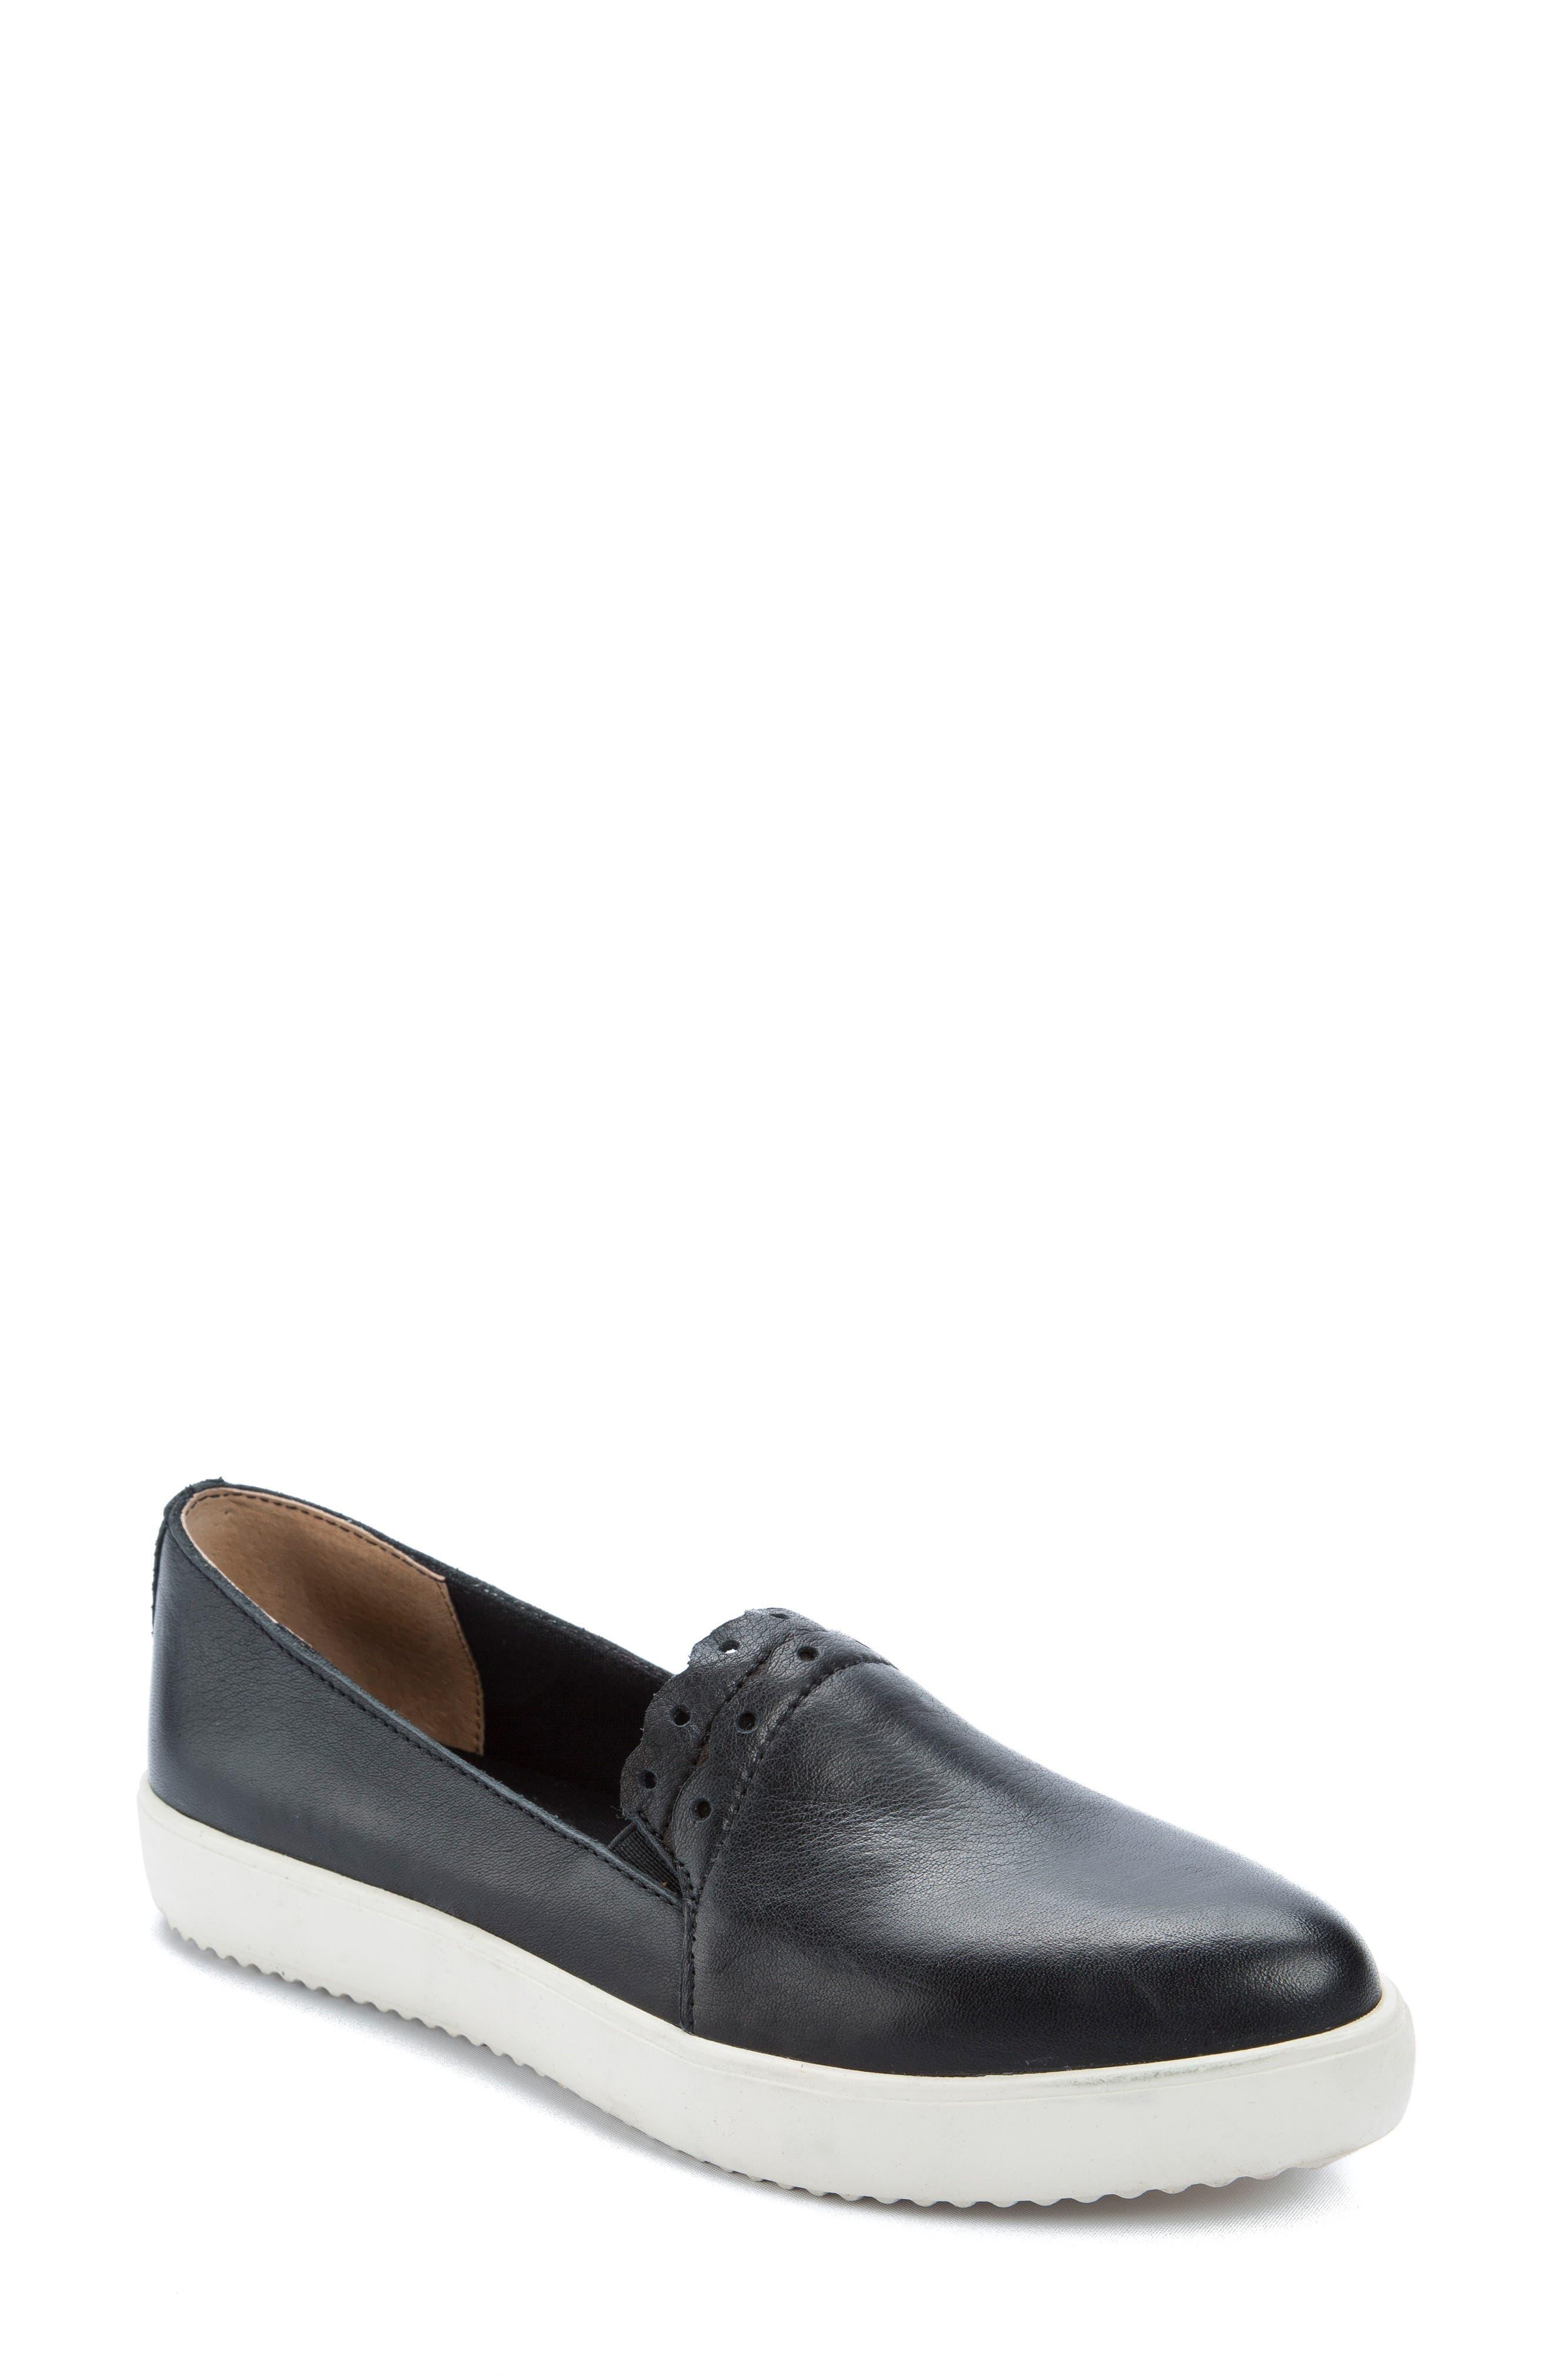 Roe Slip-On Sneaker,                         Main,                         color,